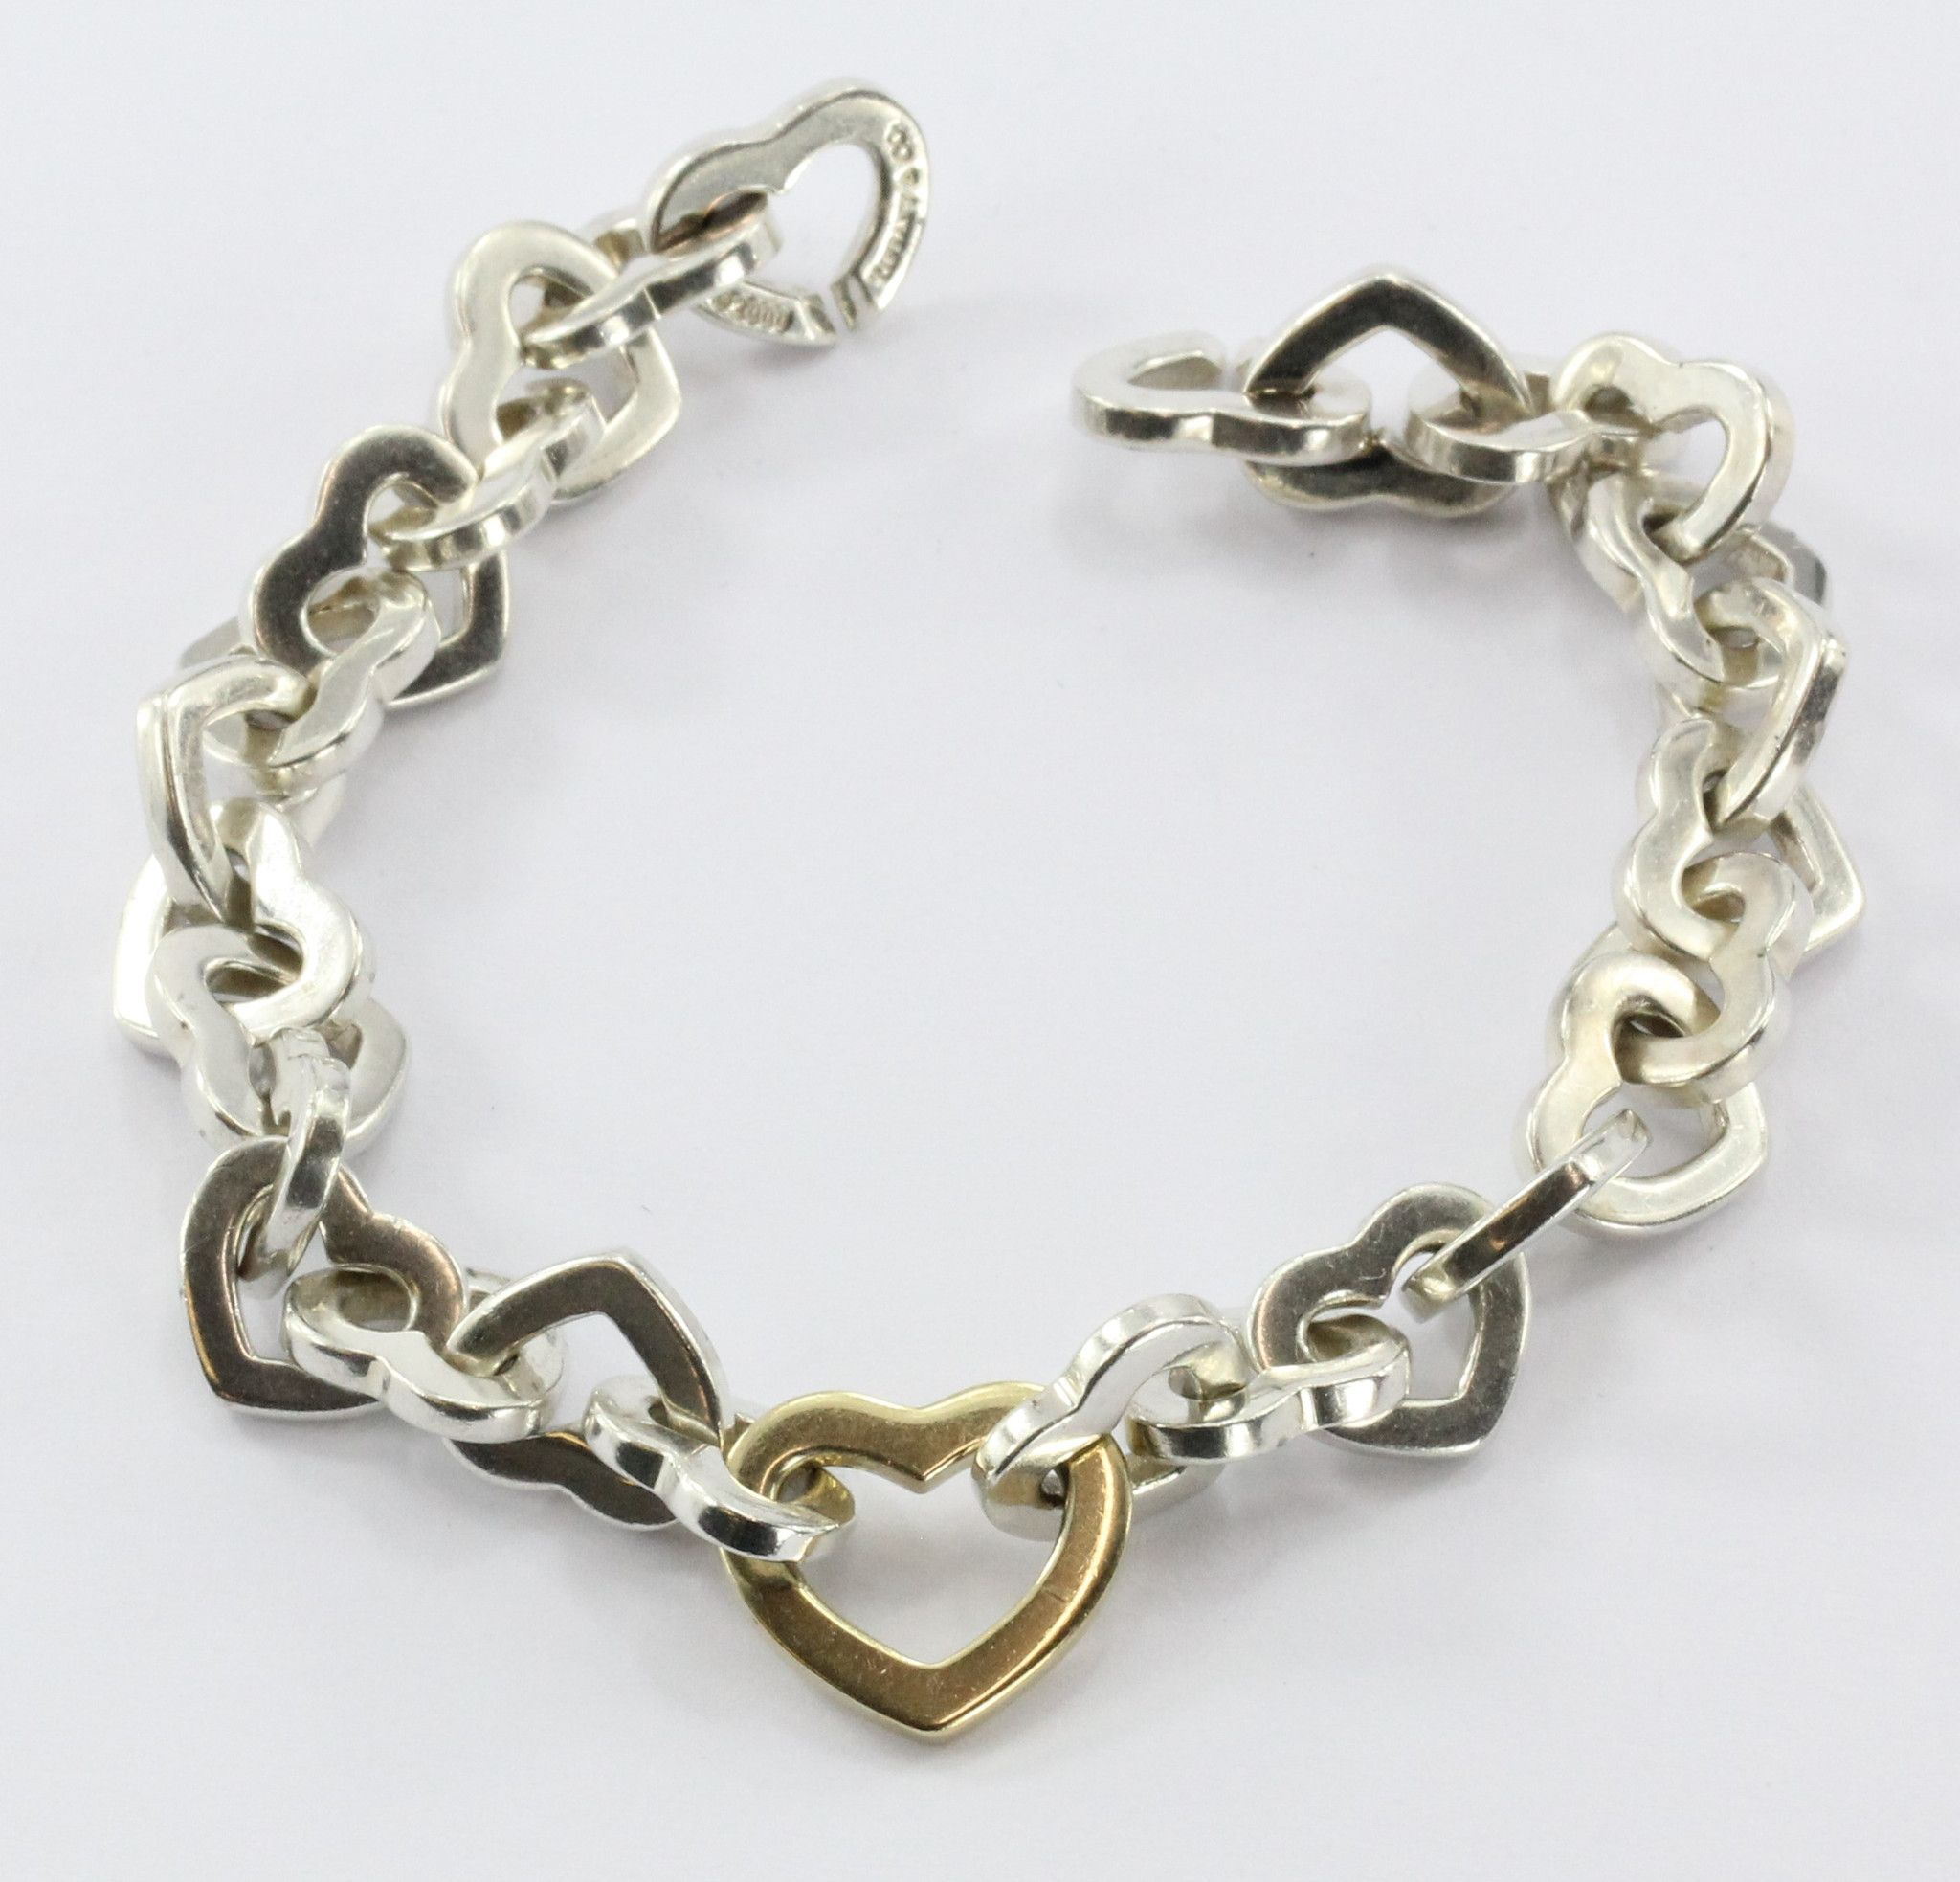 6ef21bdc7f9da Tiffany & Co Heart Link 925 Sterling 750 18K Gold Bracelet. The ...